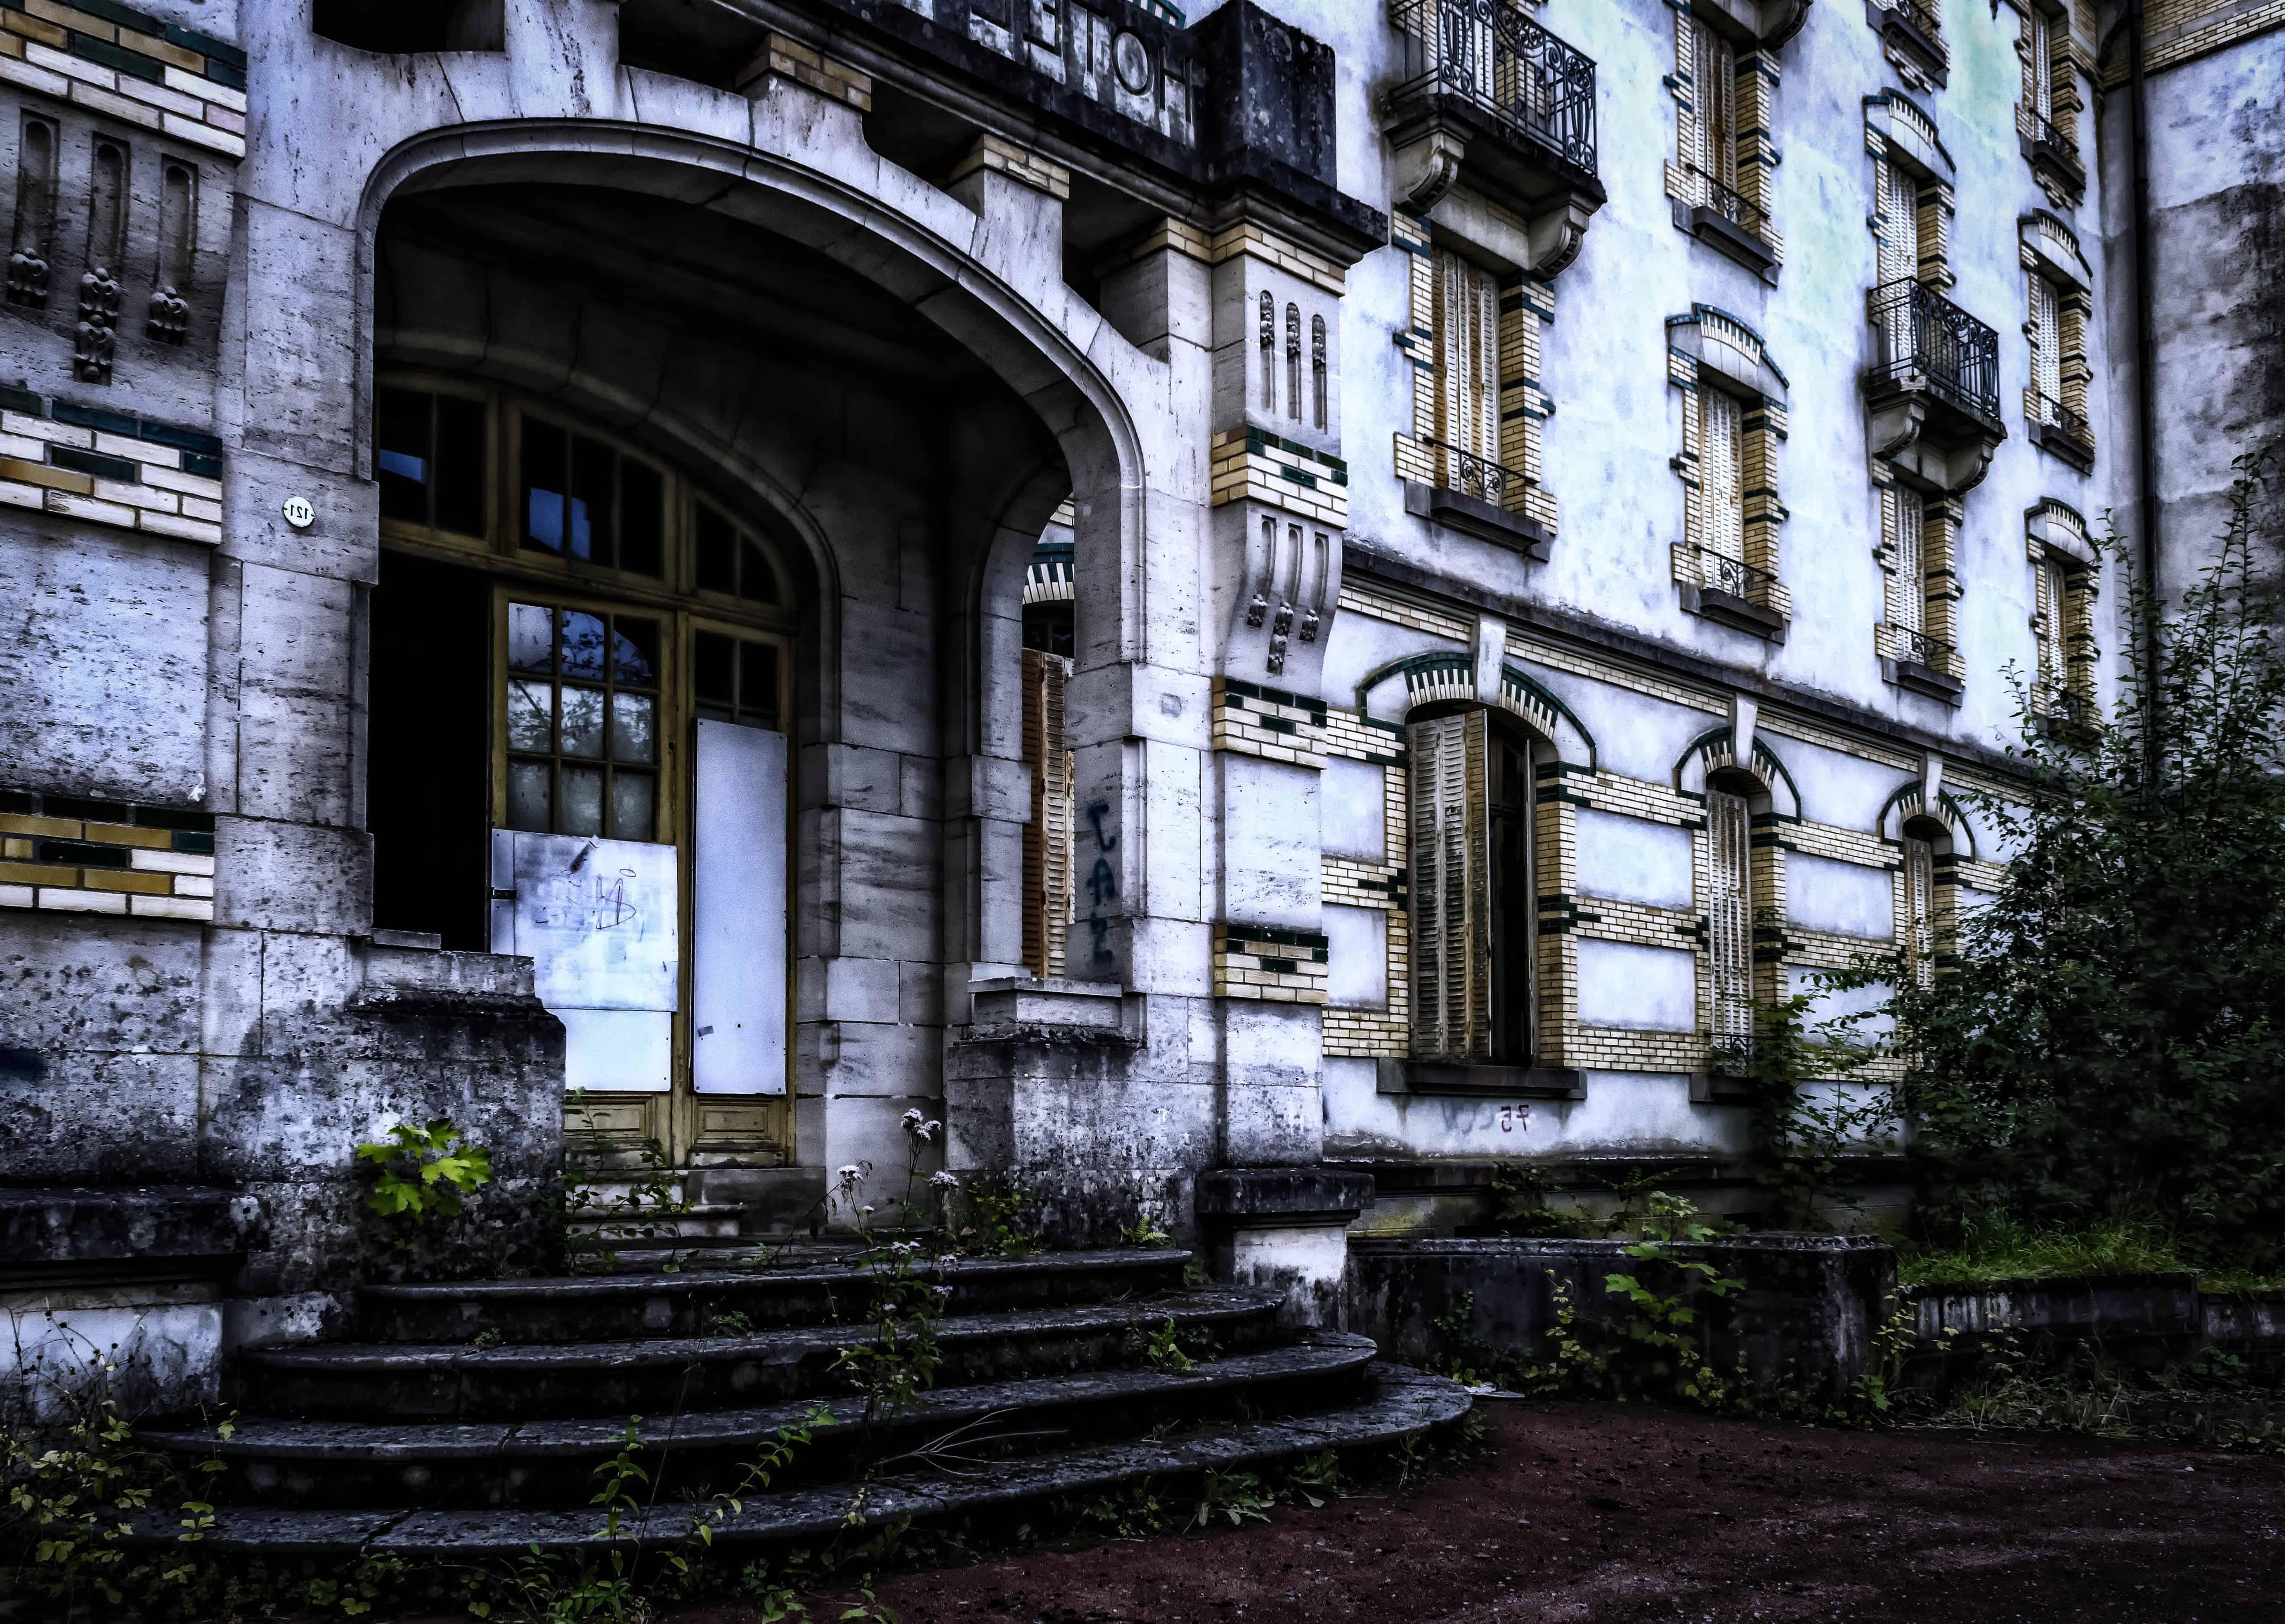 Image libre maison architecture ancien fen tre plein air for Architecture fenetre